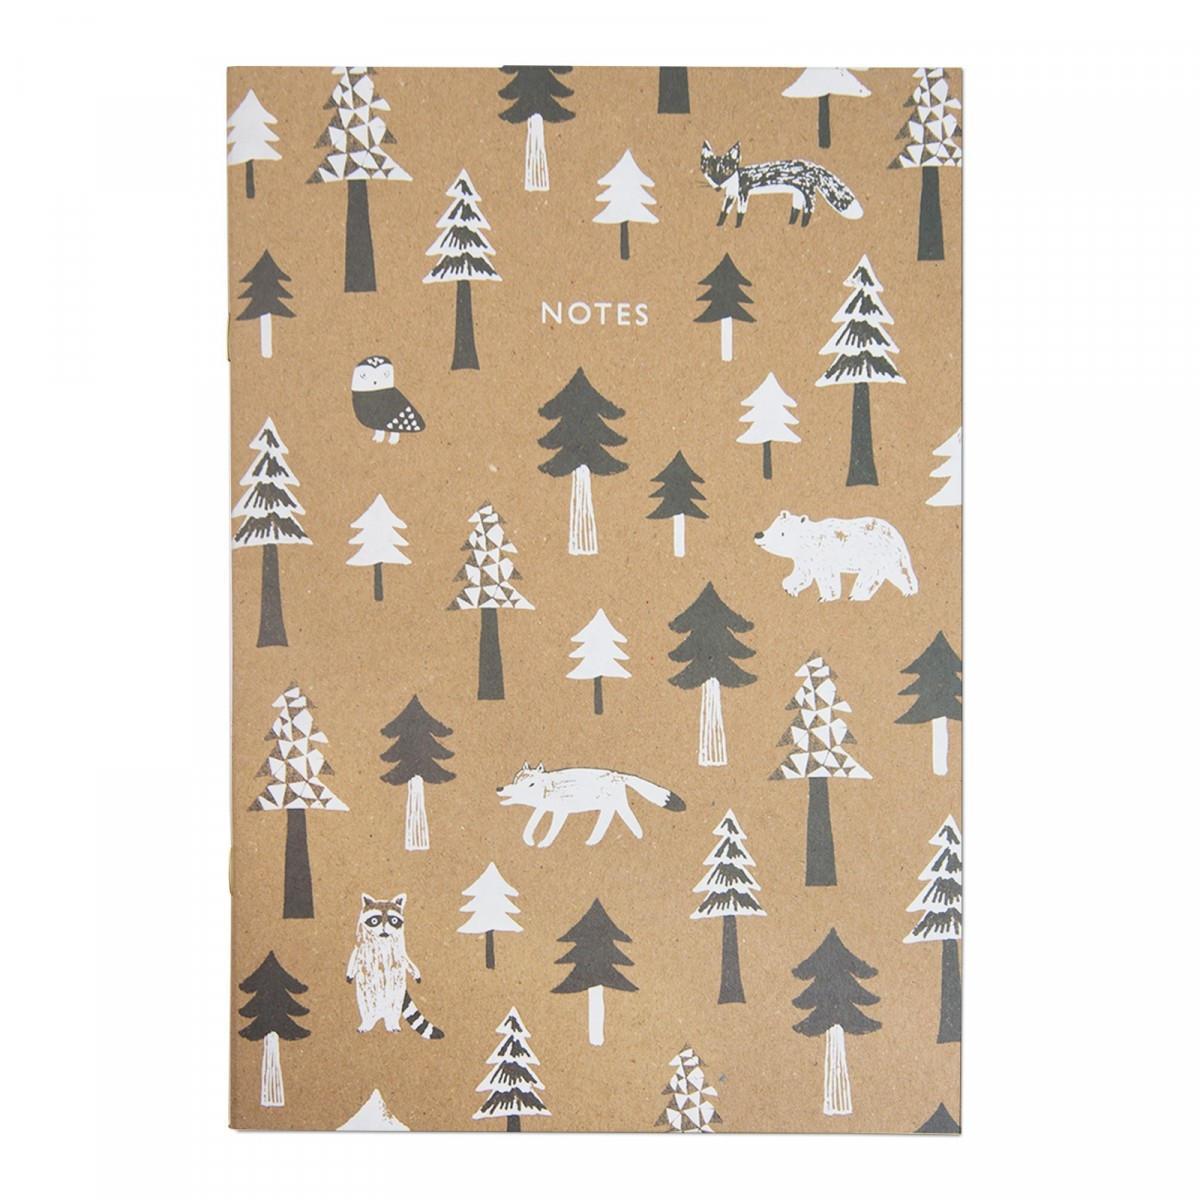 Ohh Deer Linkovaný sešit Scandi Treeline, bílá barva, hnědá barva, přírodní barva, papír